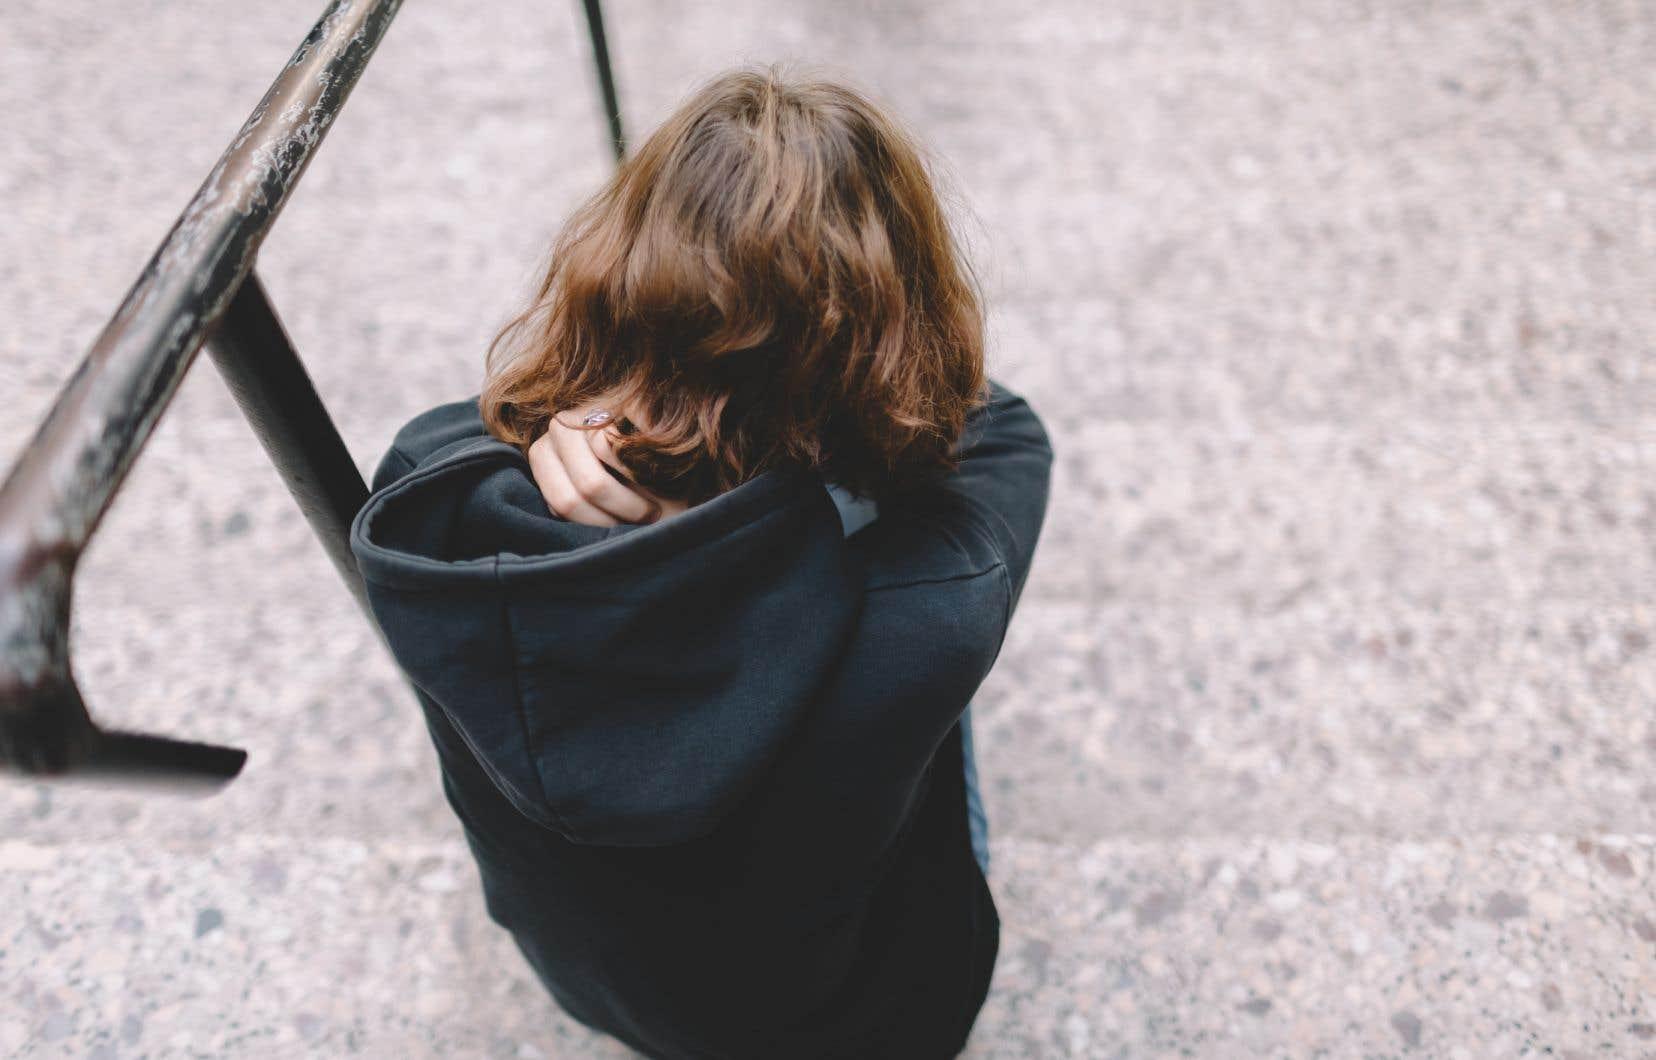 Chez les adolescentes de 15 à 19 ans, le taux d'hospitalisation a pratiquement triplé entre 2007 et 2018.